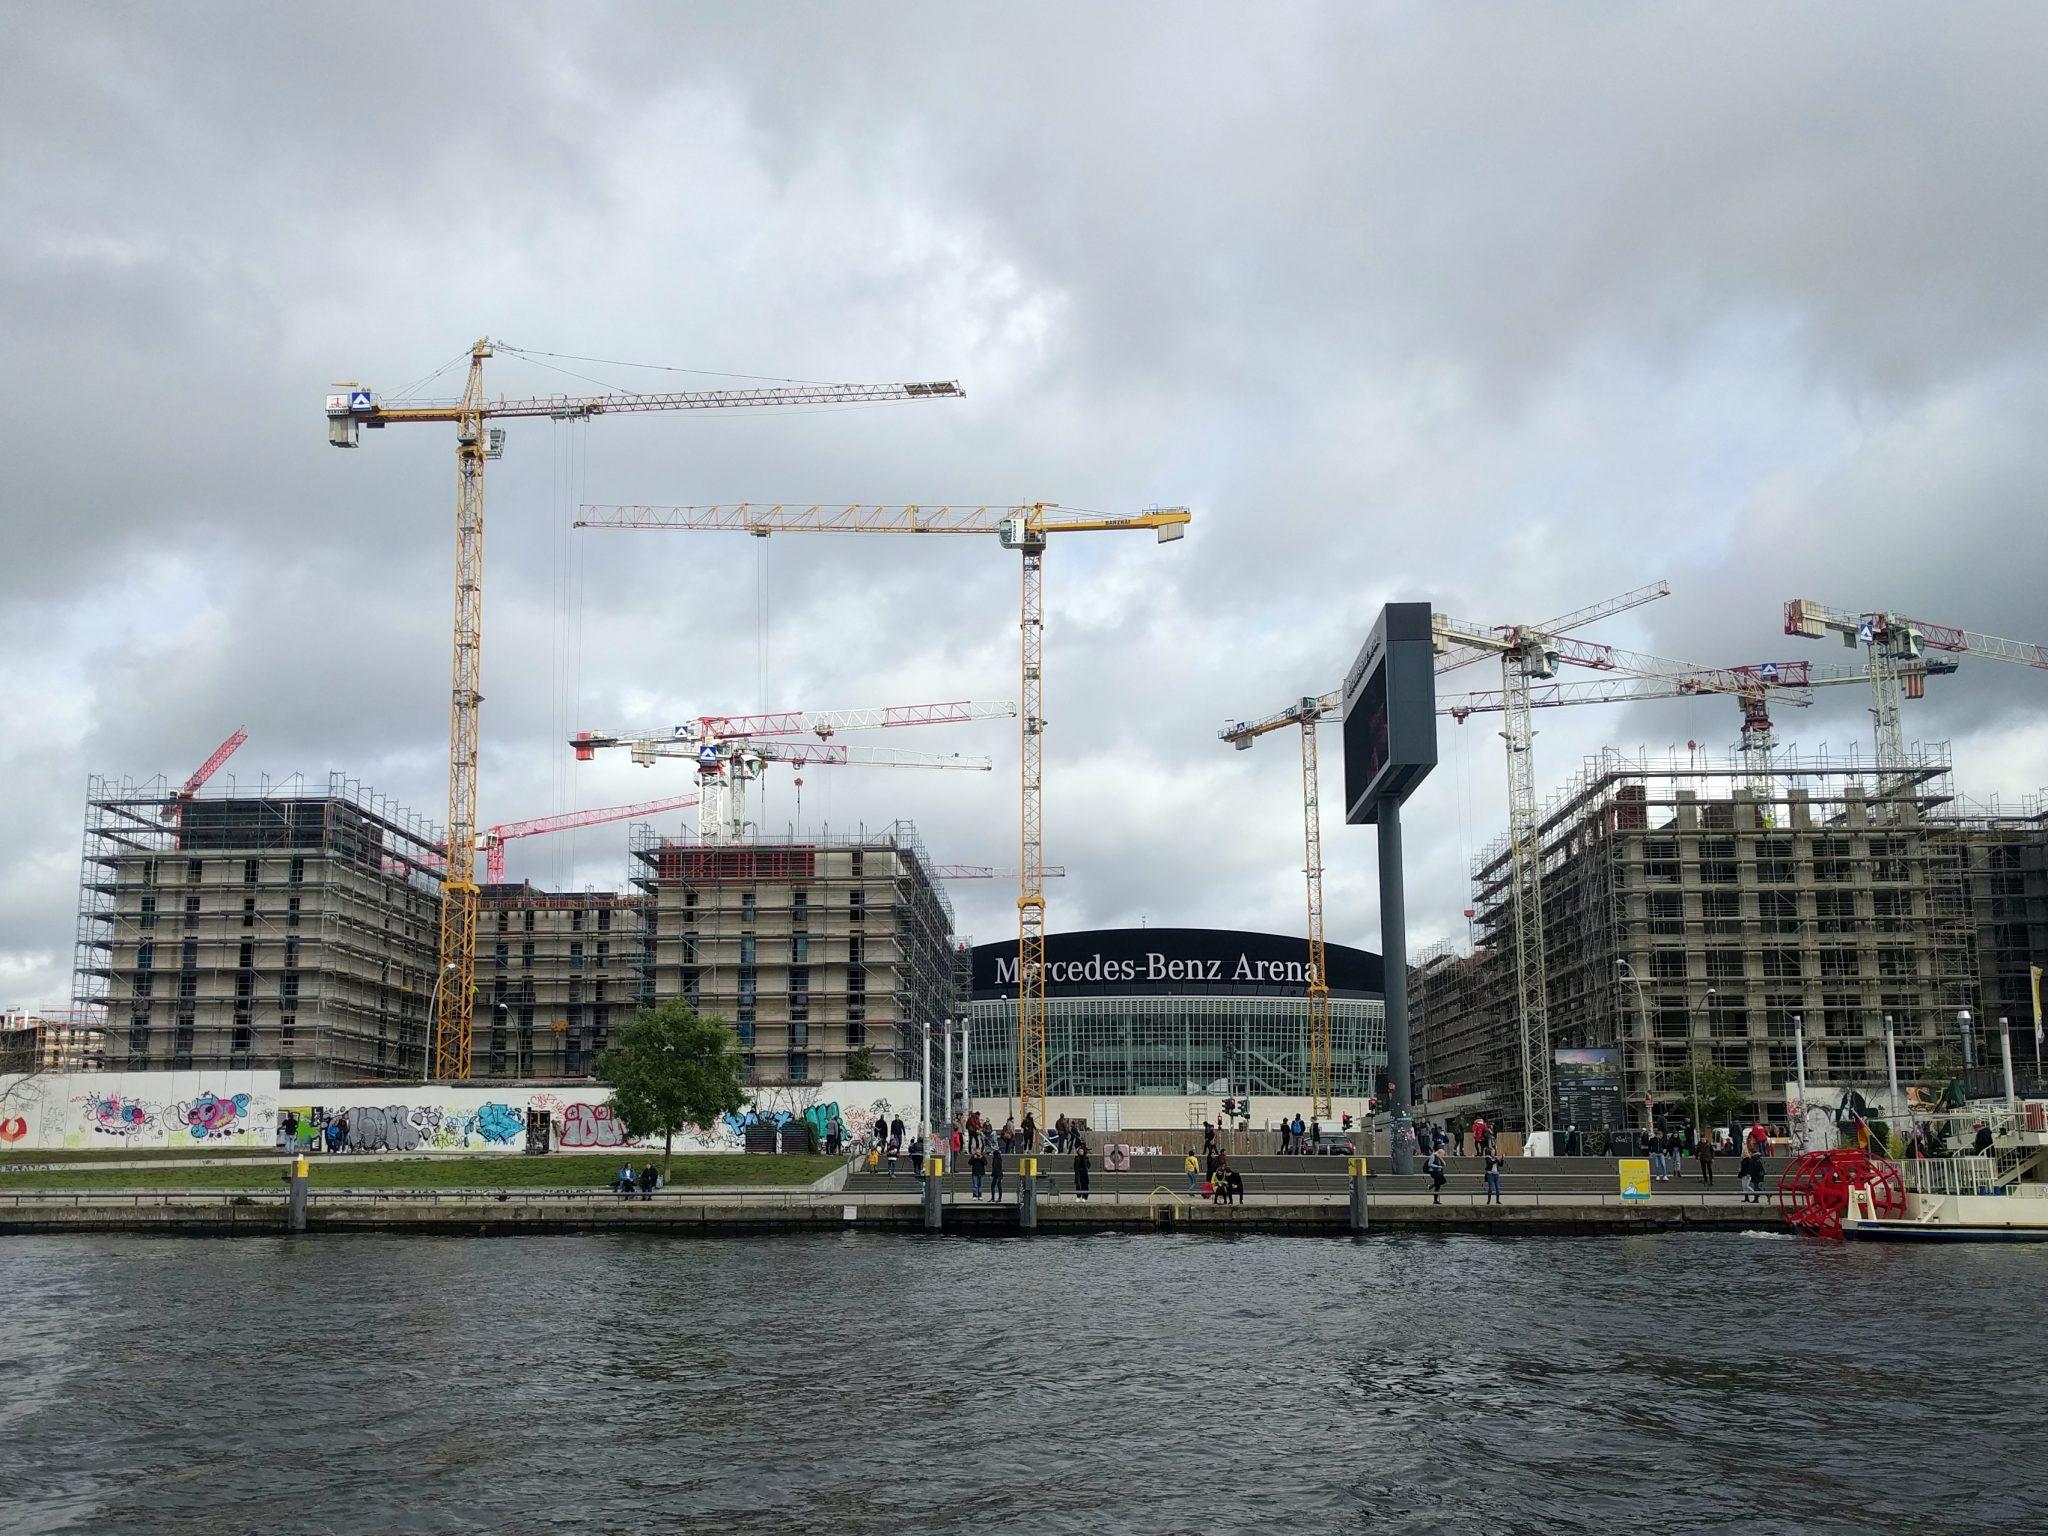 Bauboom entlang der Spree - im Hintergrund die Mercedes-Benz Arena